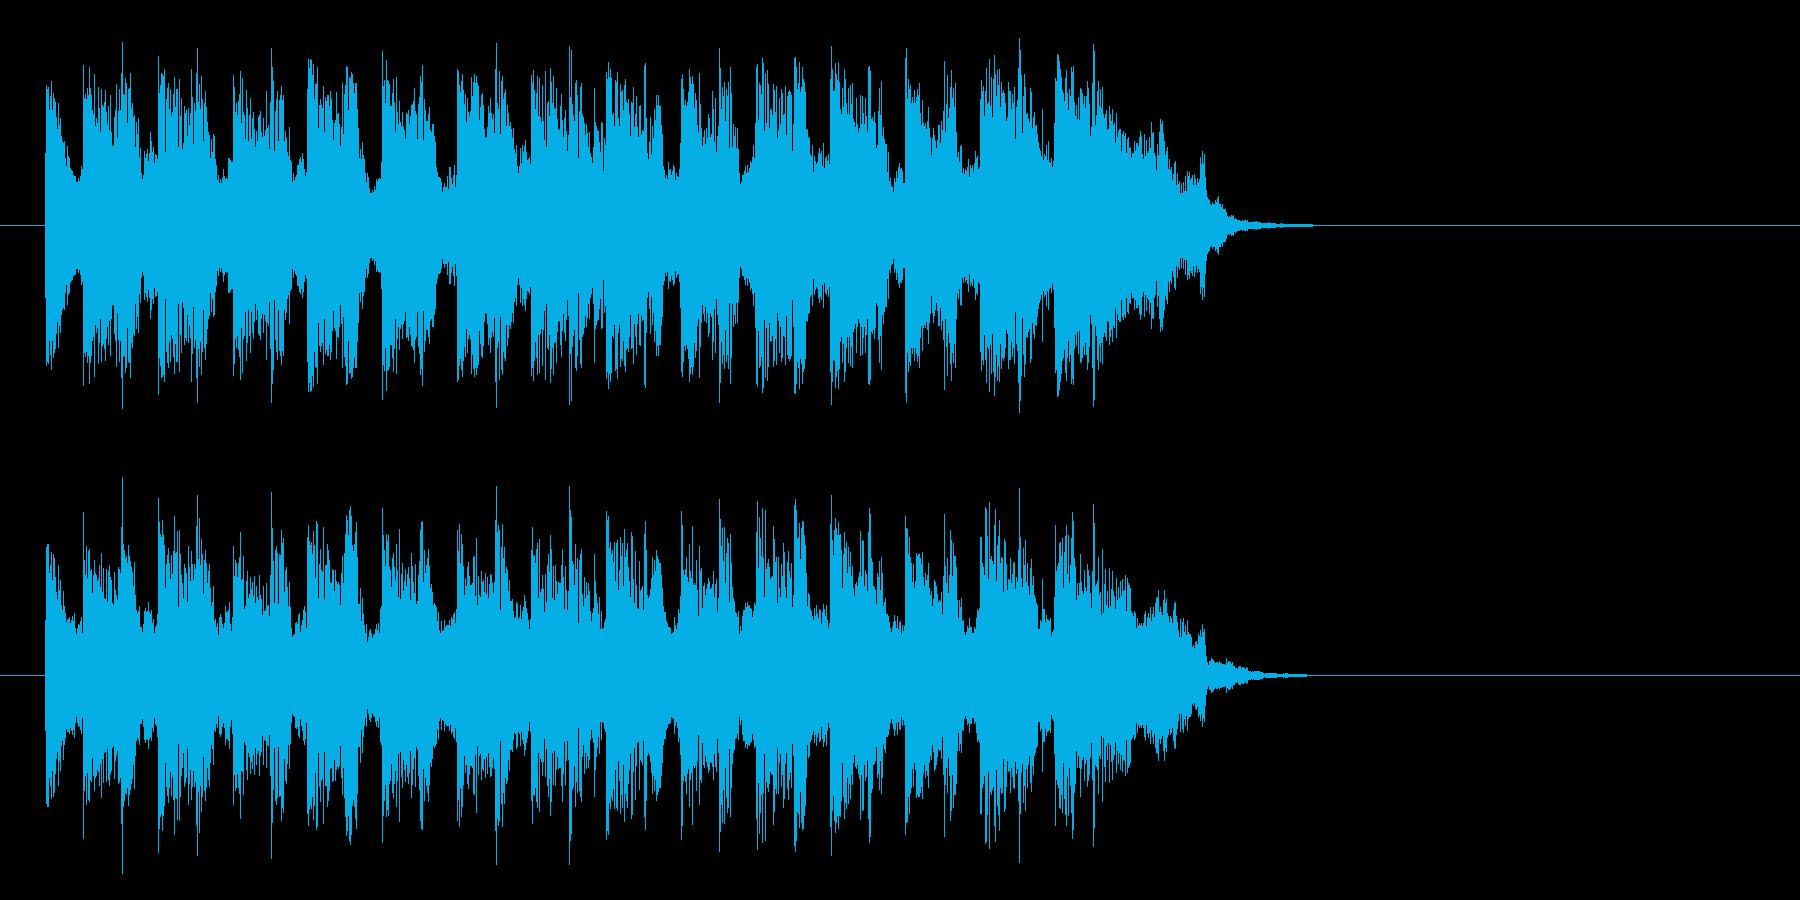 自由自在に駆け回るポップ(Aメロ)の再生済みの波形